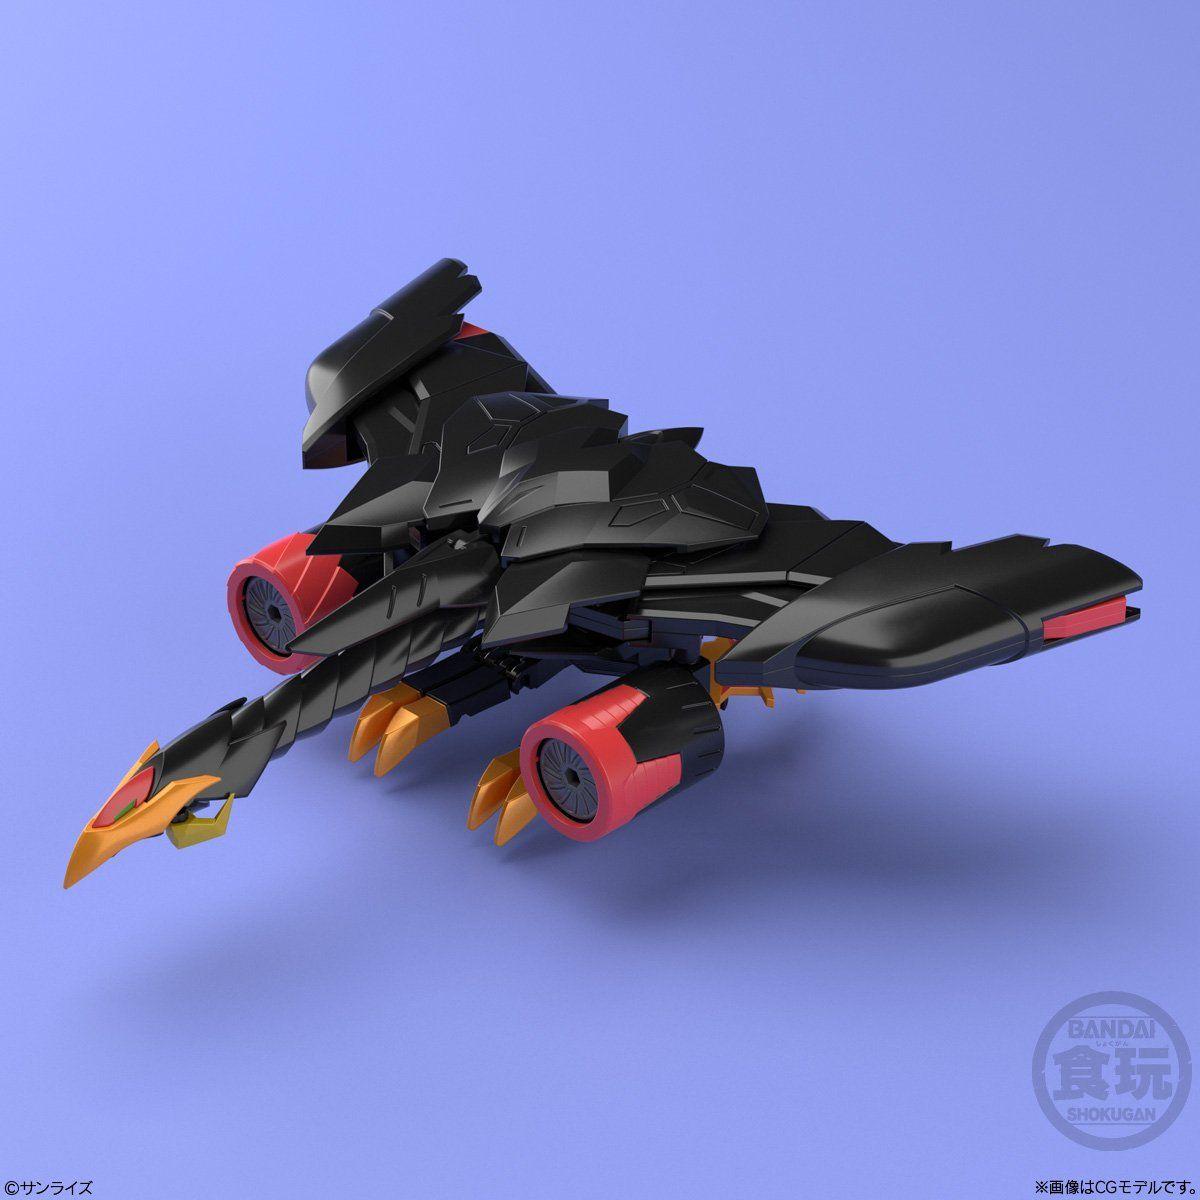 【食玩】スーパーミニプラ『勇者王ガオガイガー6』ジェネシックガオガイガー プラモデル 4個入りBOX-003